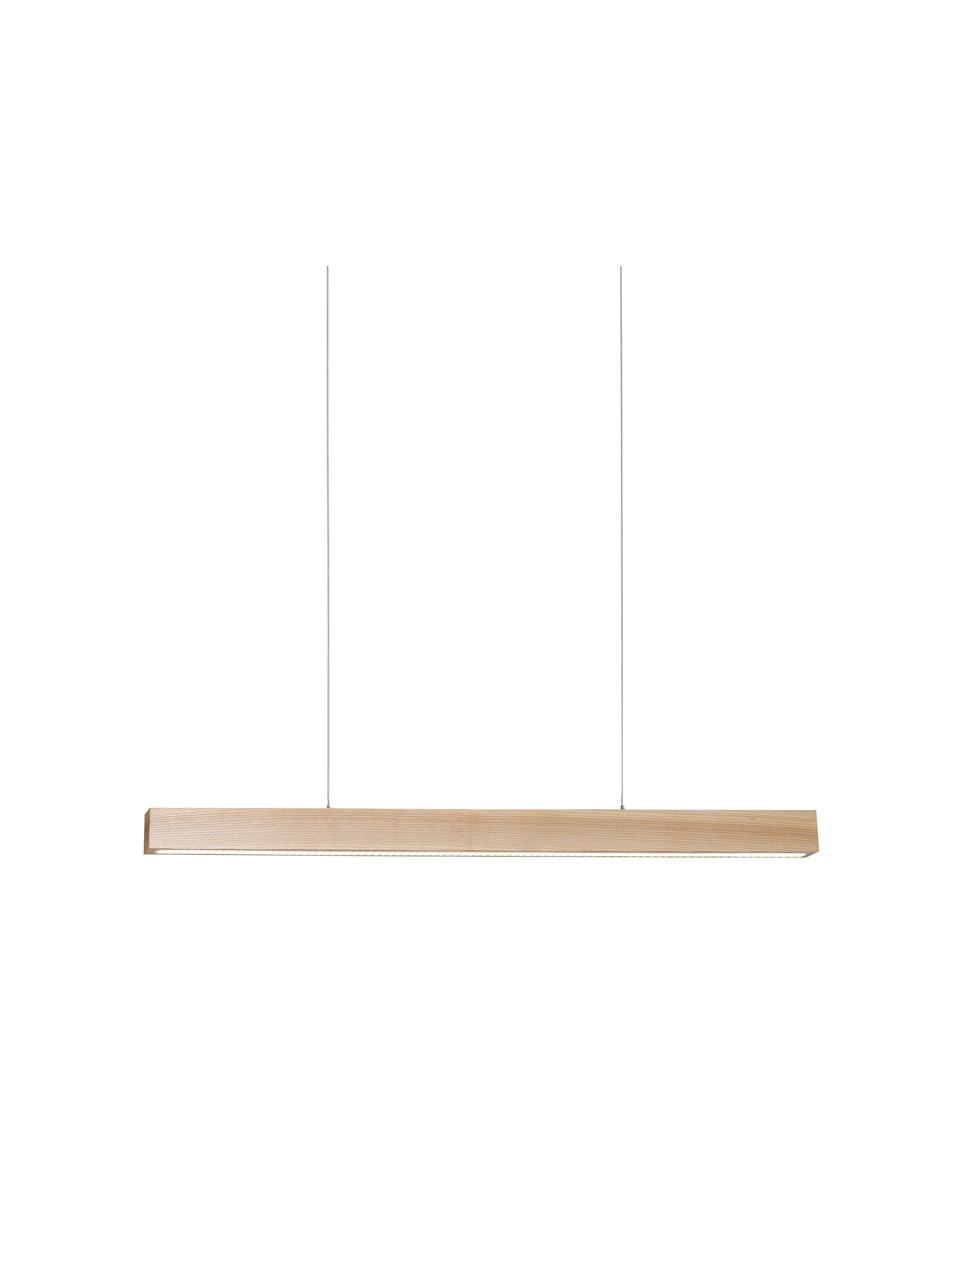 Lampa wisząca LED z drewna Timber, Drewno naturalne, S 65 x G 9 cm